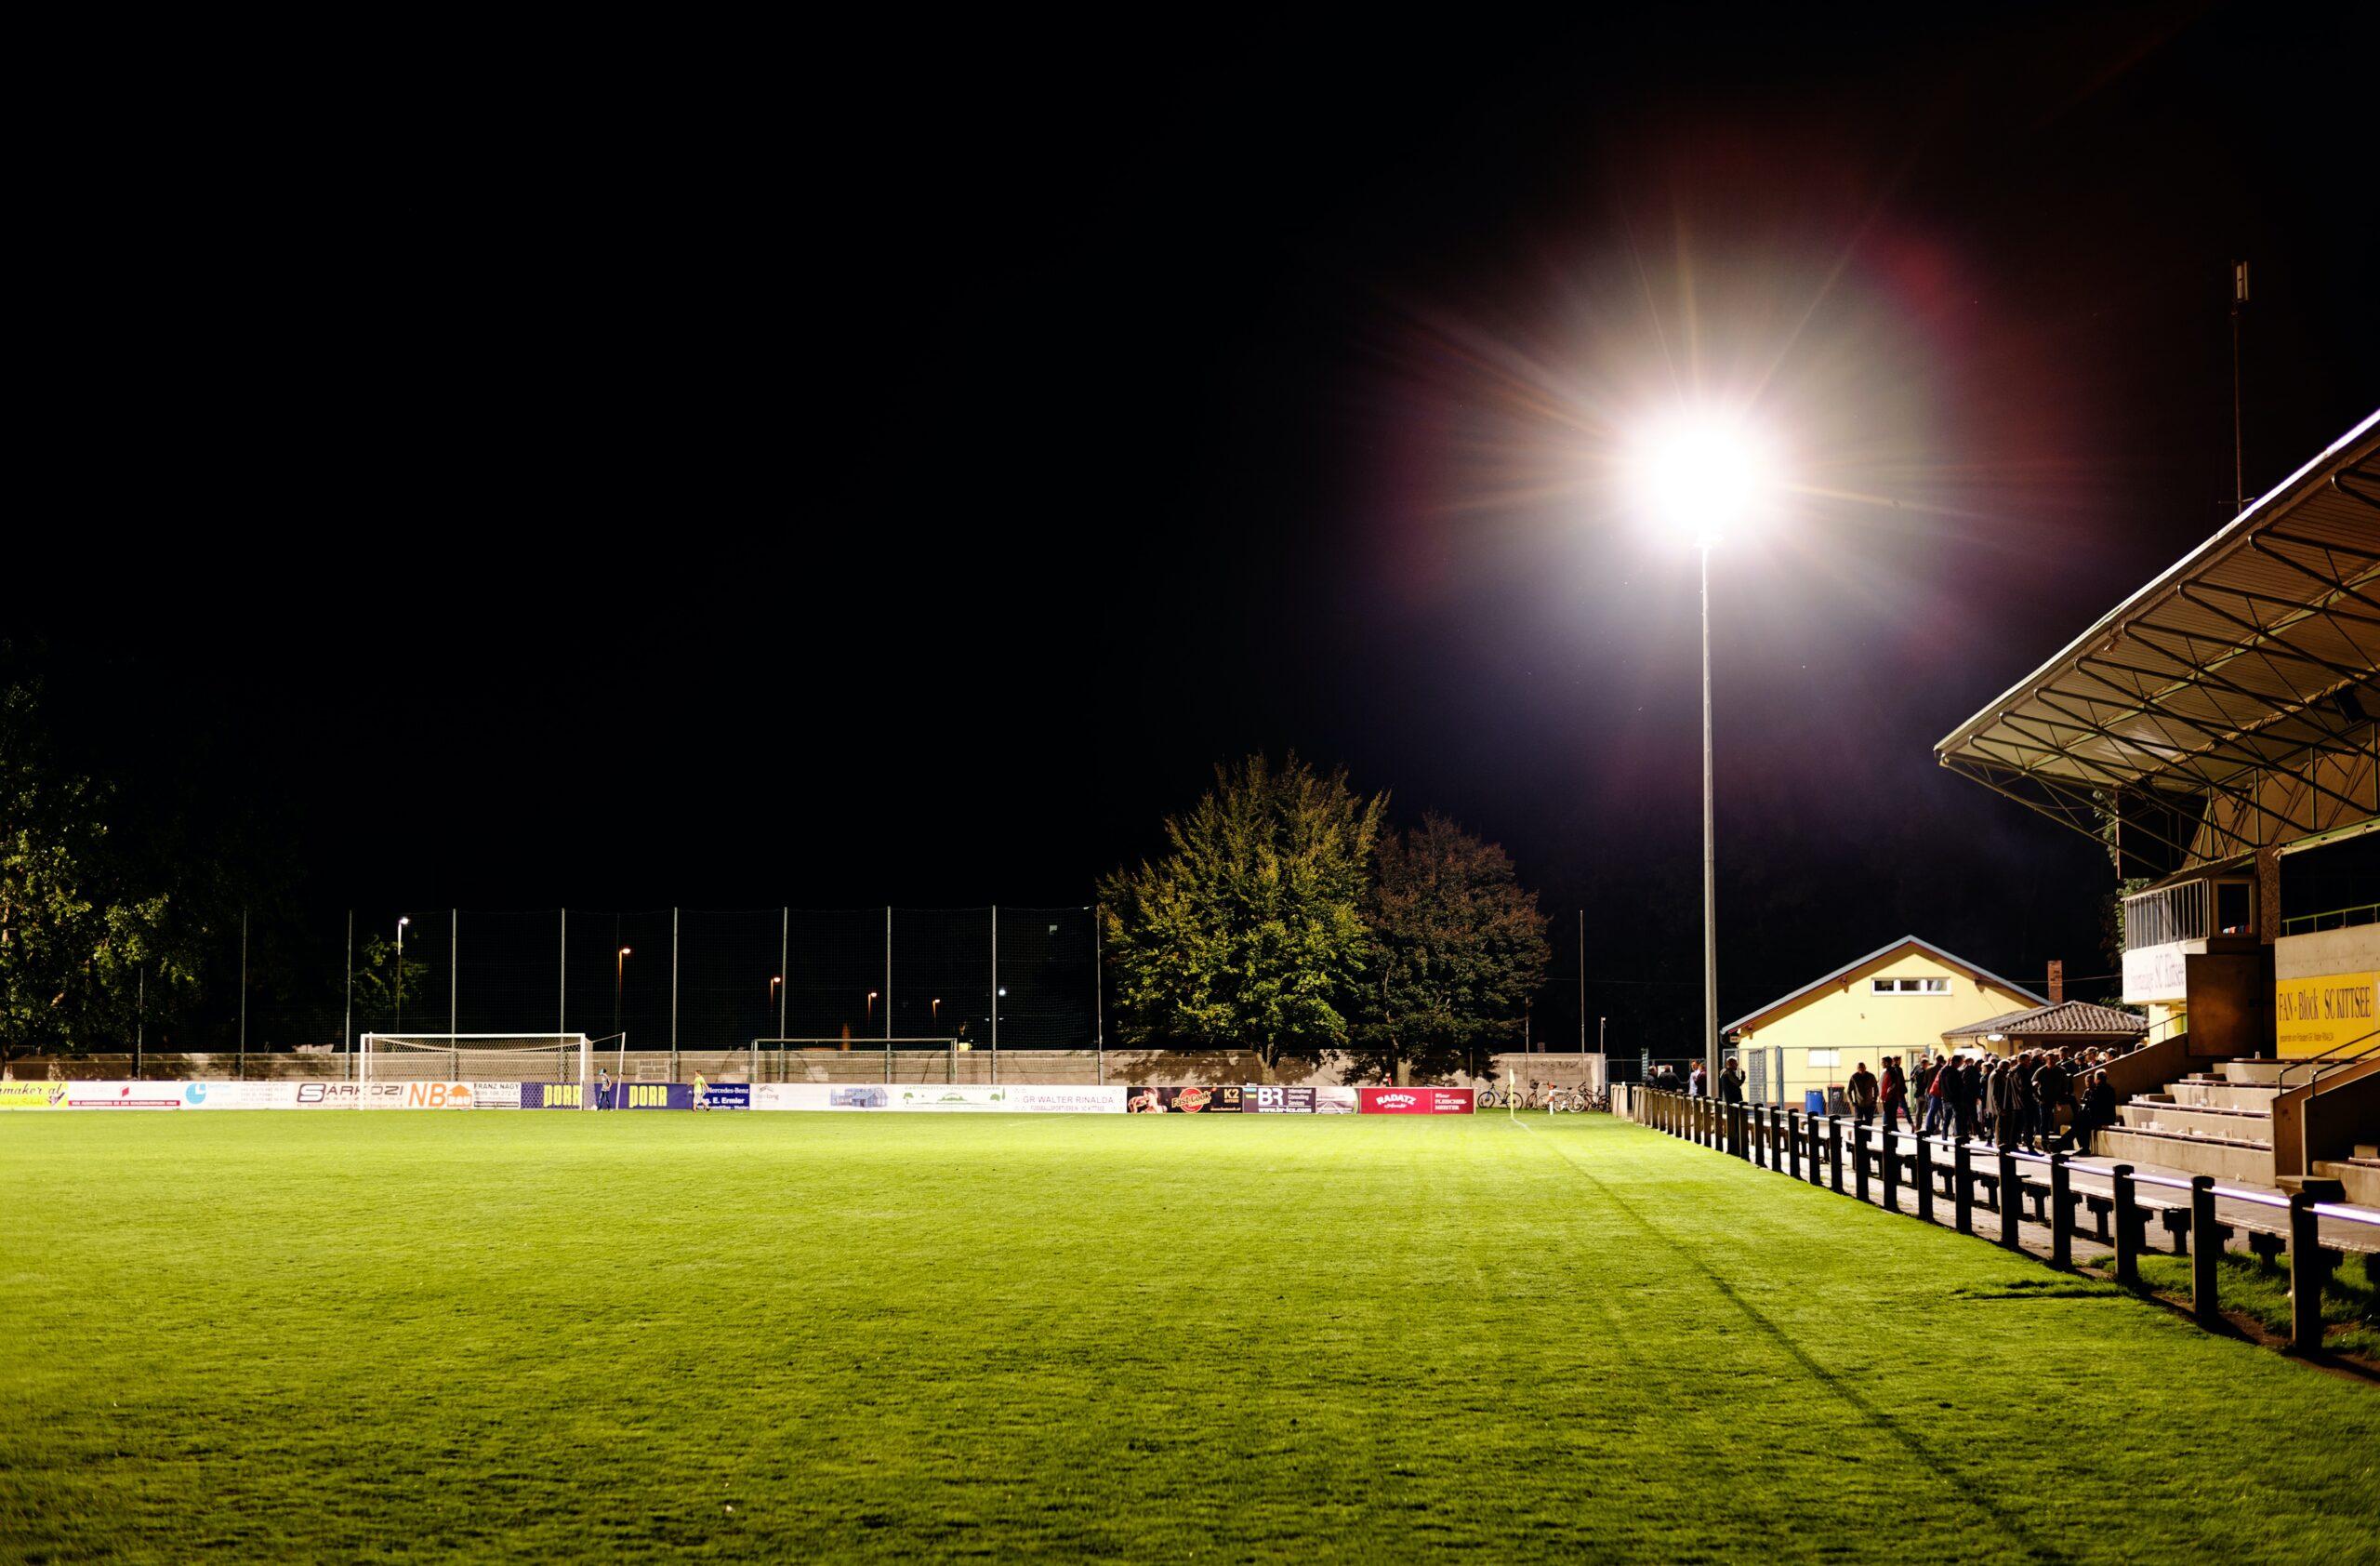 Post-match FC Kittsee Stadium